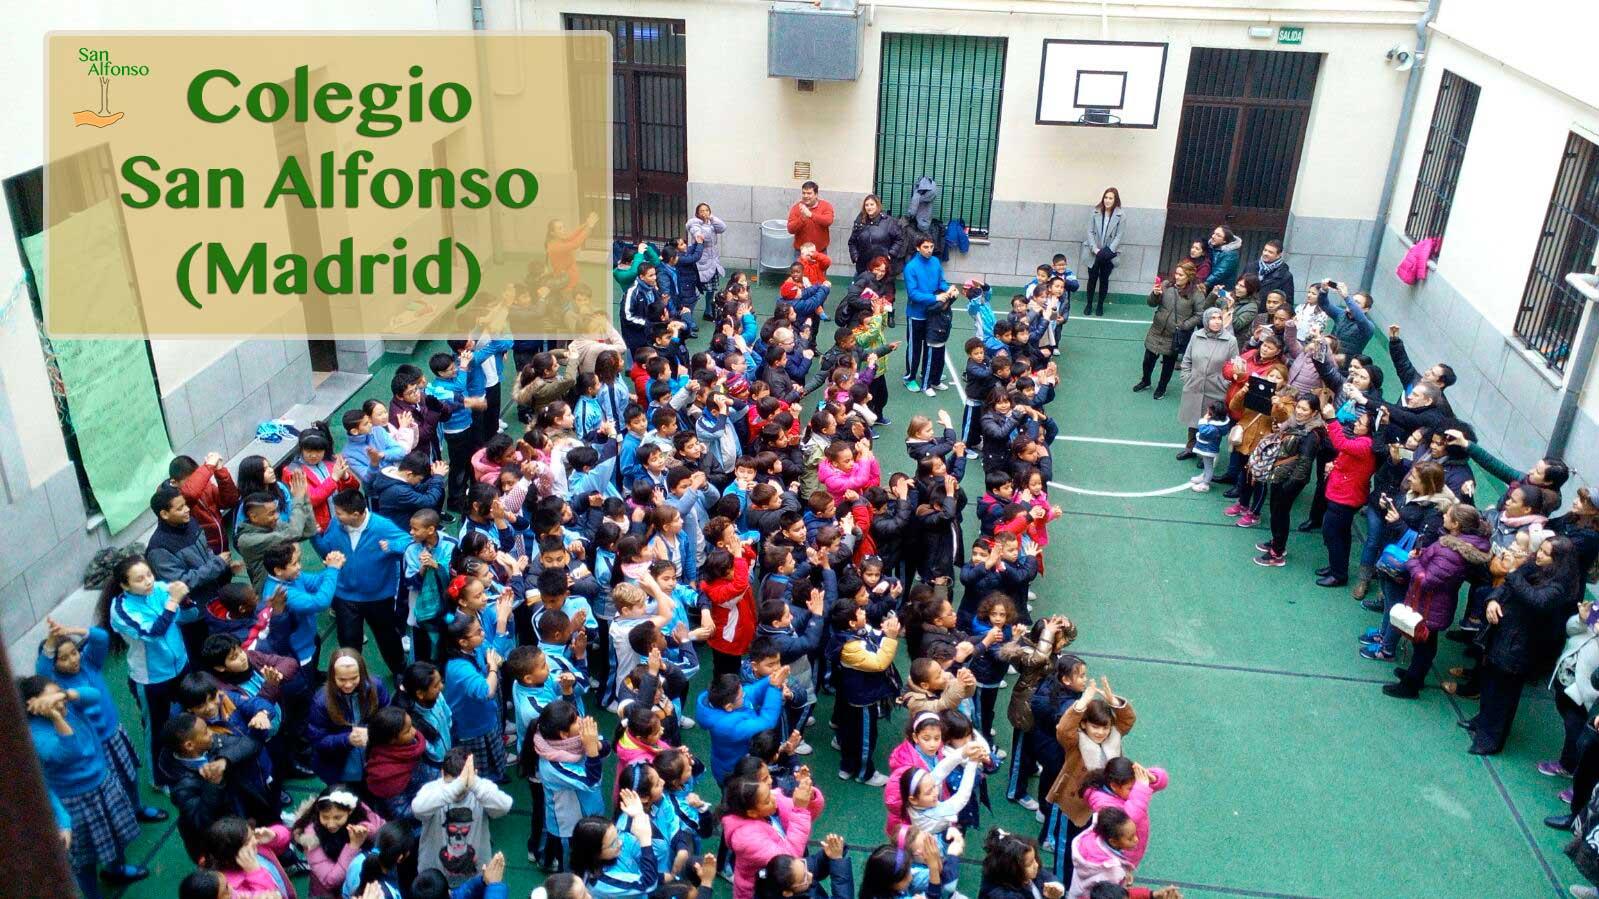 Castilla y leon canta por siria colegio san alfonso madrid - Colegio escolapias madrid ...